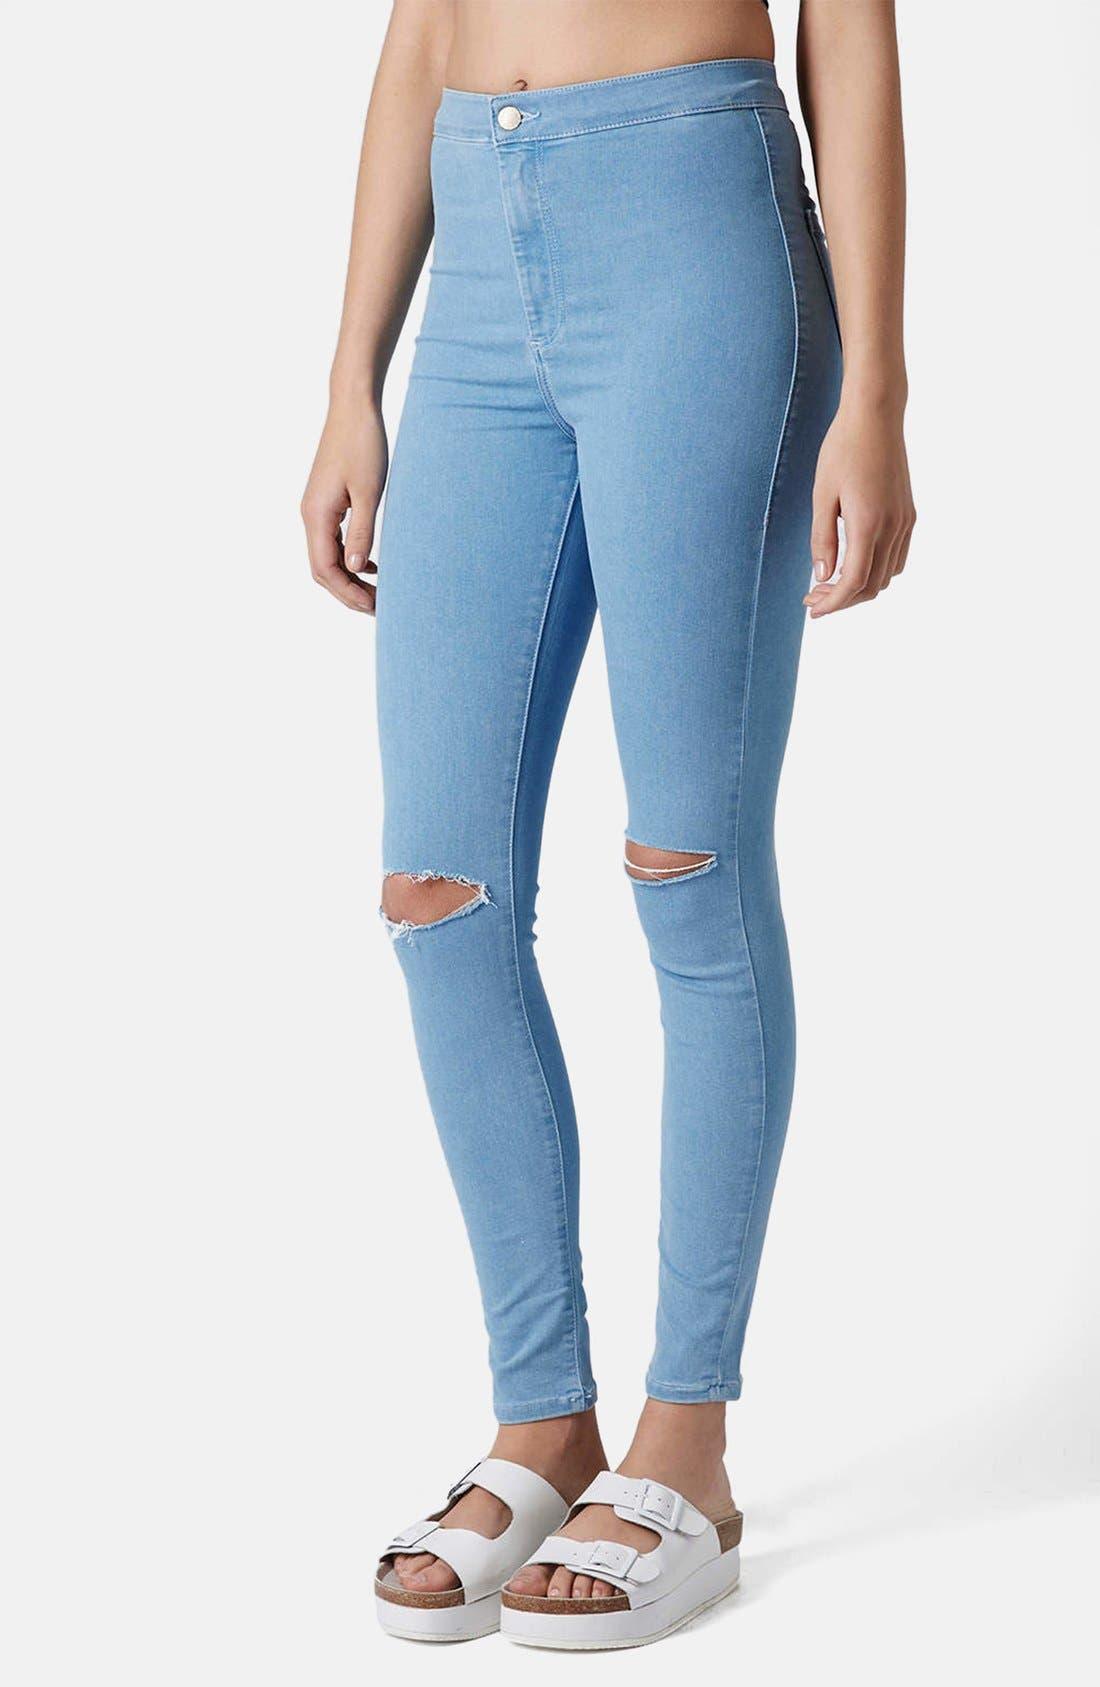 Main Image - Topshop Moto 'Joni' Ripped High Rise Skinny Jeans (Light Denim) (Short)